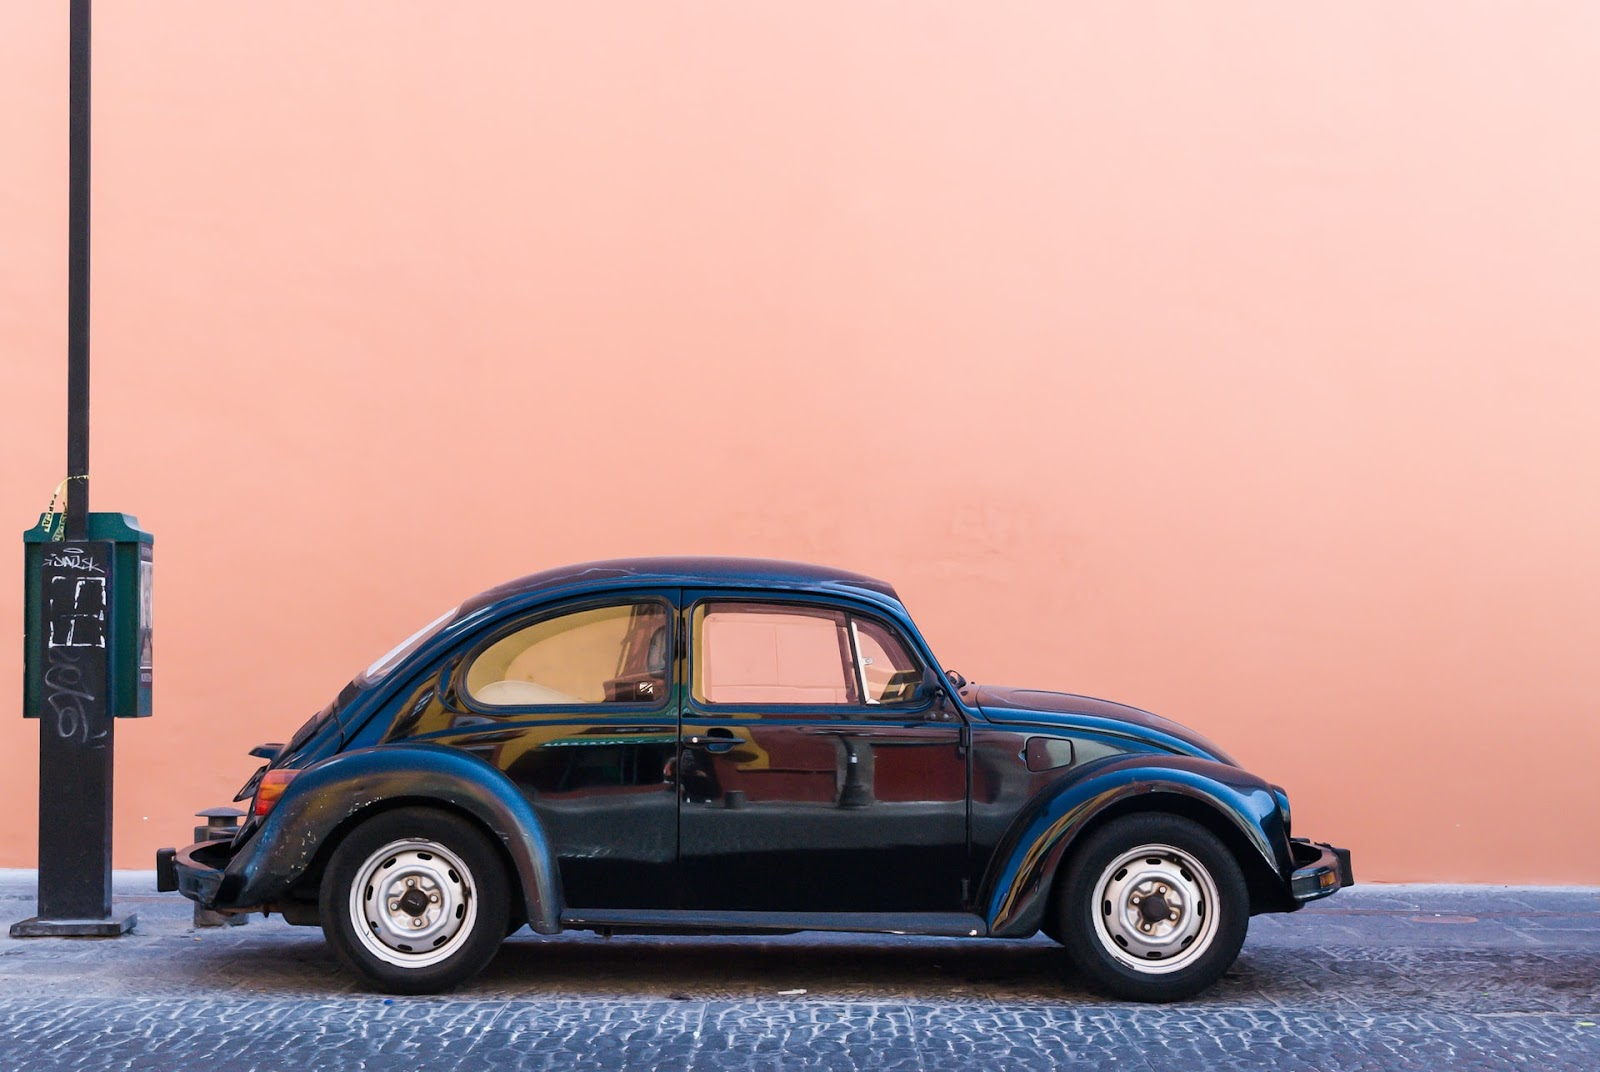 Até os anos 1970 e 1980, a maioria dos automóveis possuía carburadores (Imagem: Jorge Zapata/Unsplash)